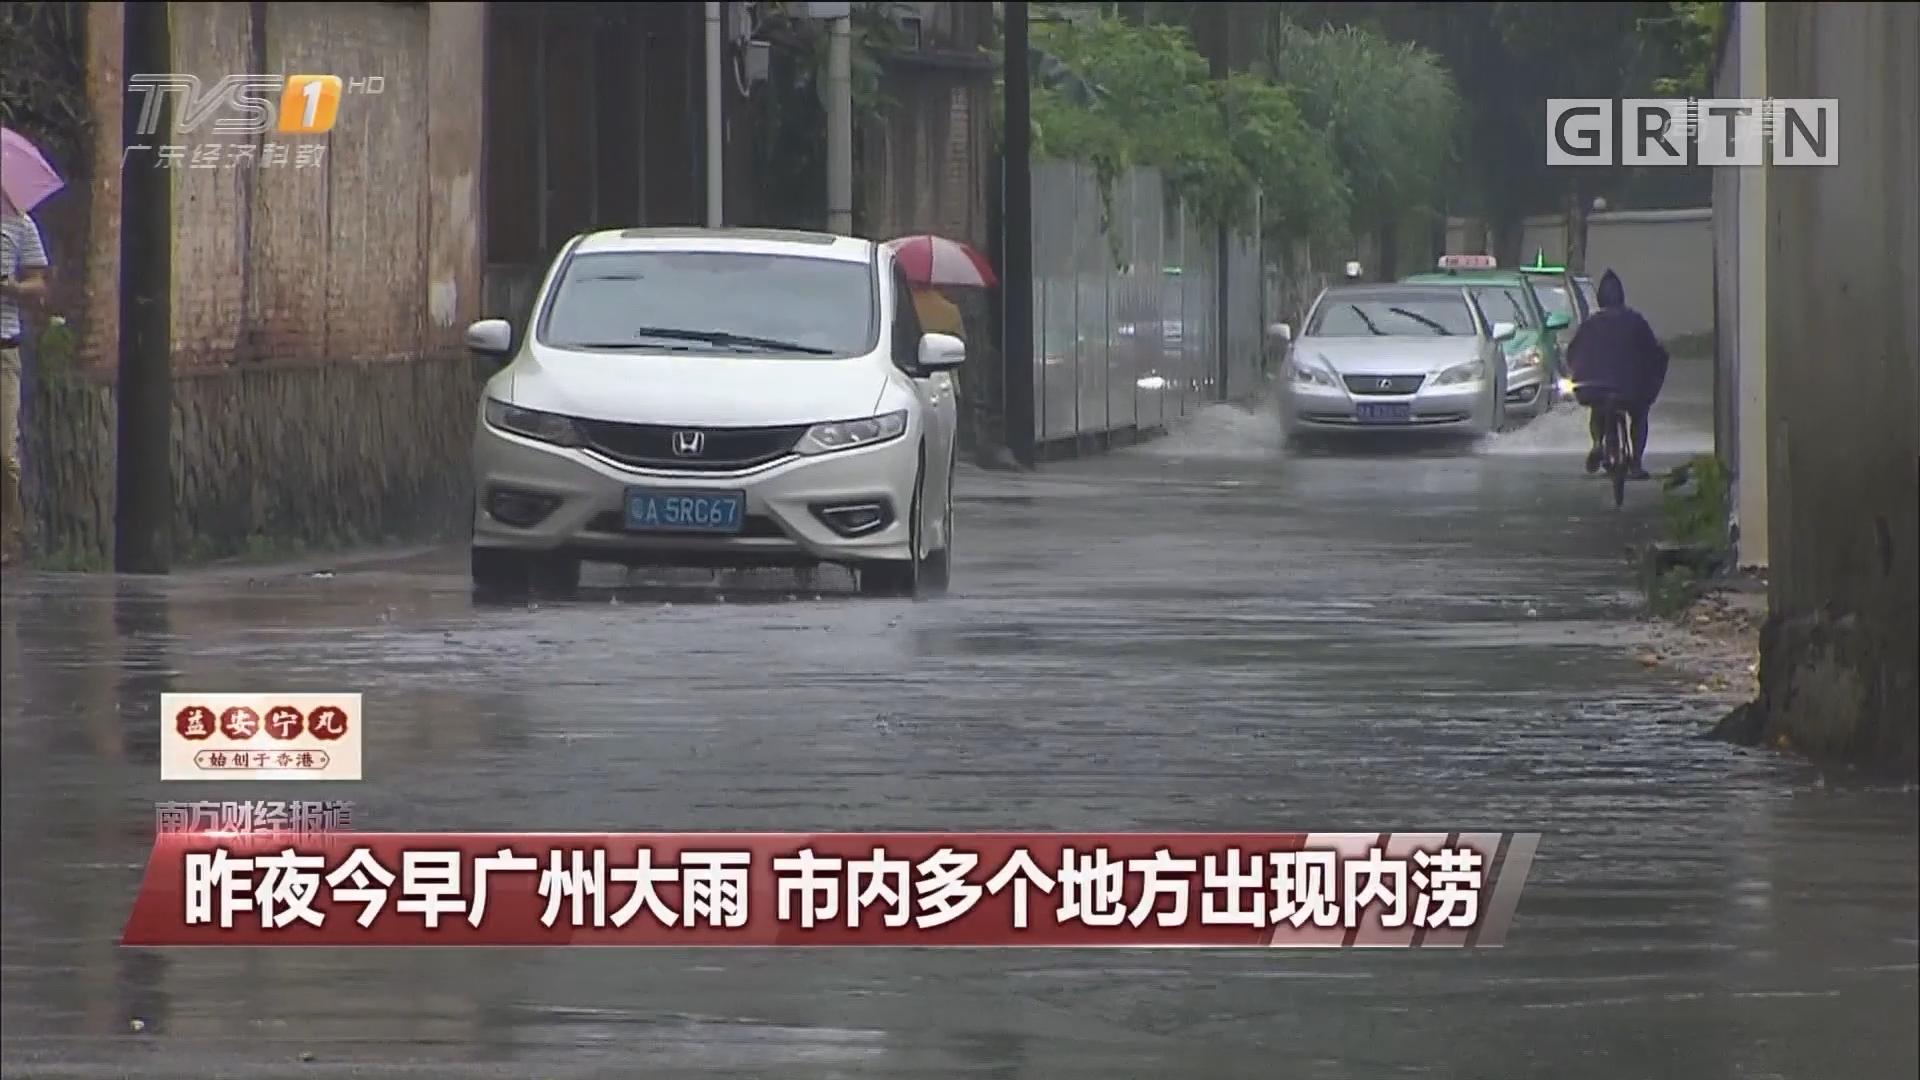 昨夜今早广州大雨 市内多个地方出现内涝